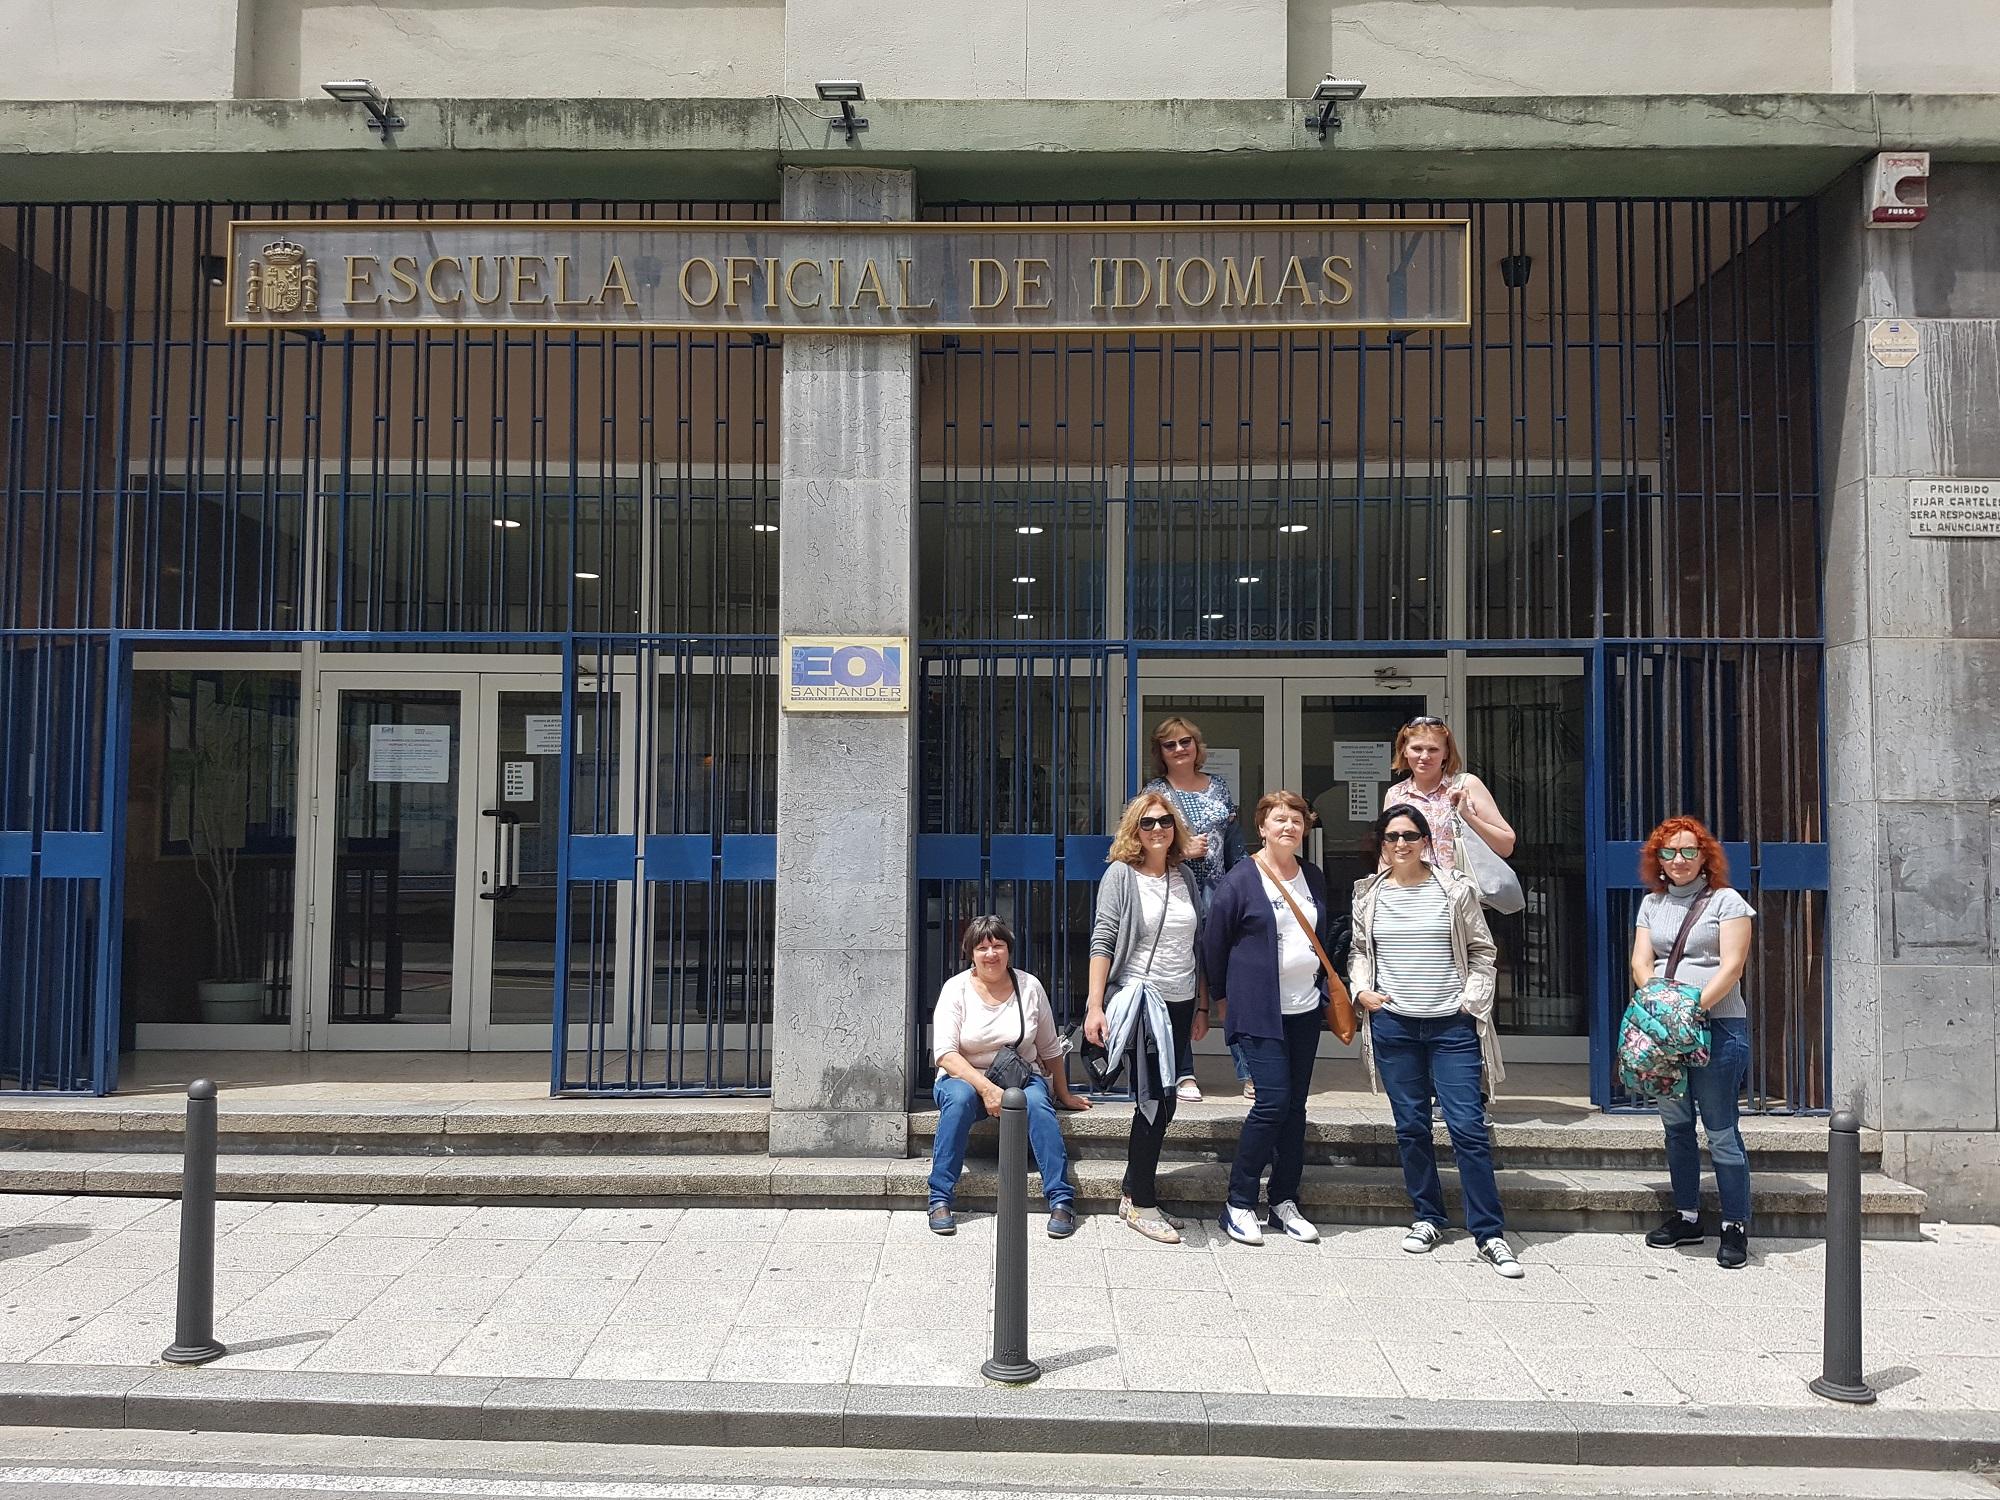 Laisvu nuo susitikimų metu vyko aktyvi kultūrinė programa po Santandero miestą ir jo apylinkes.